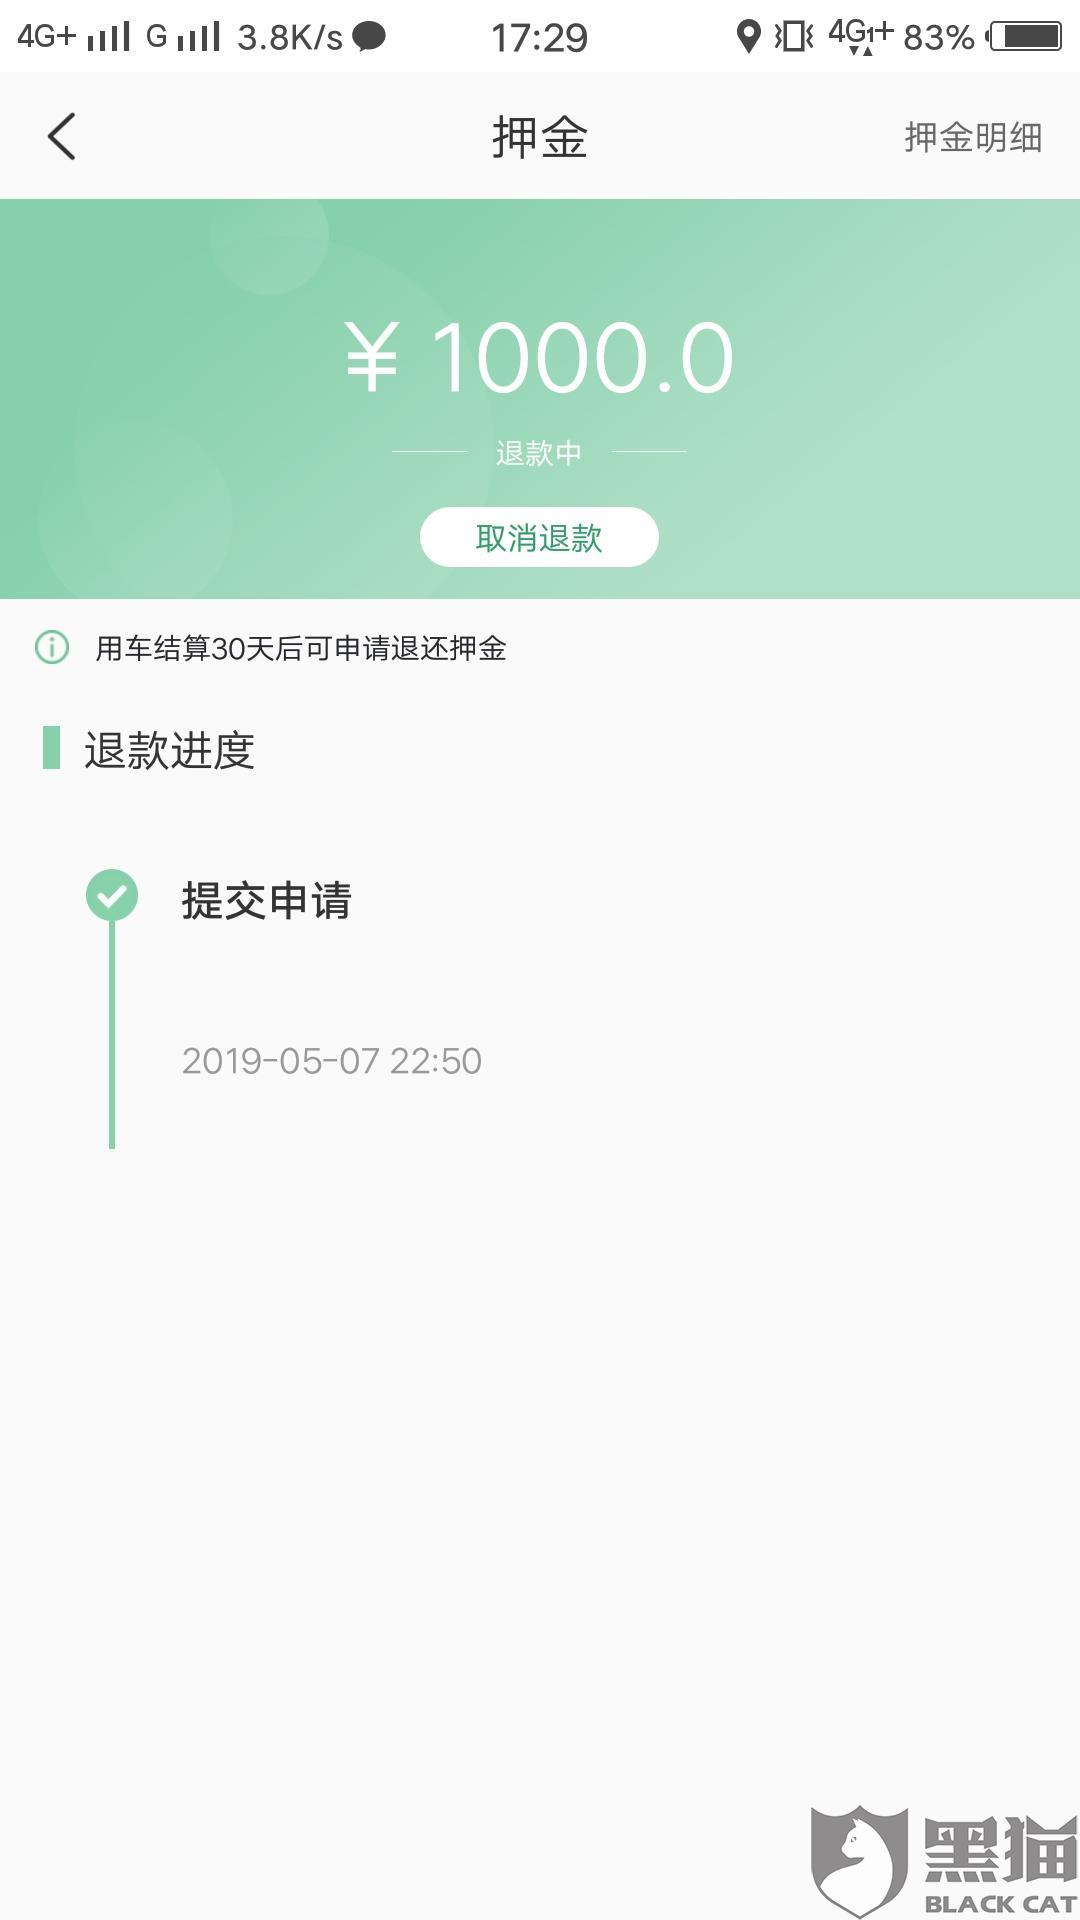 黑猫投诉:盼达共享汽车不退押金